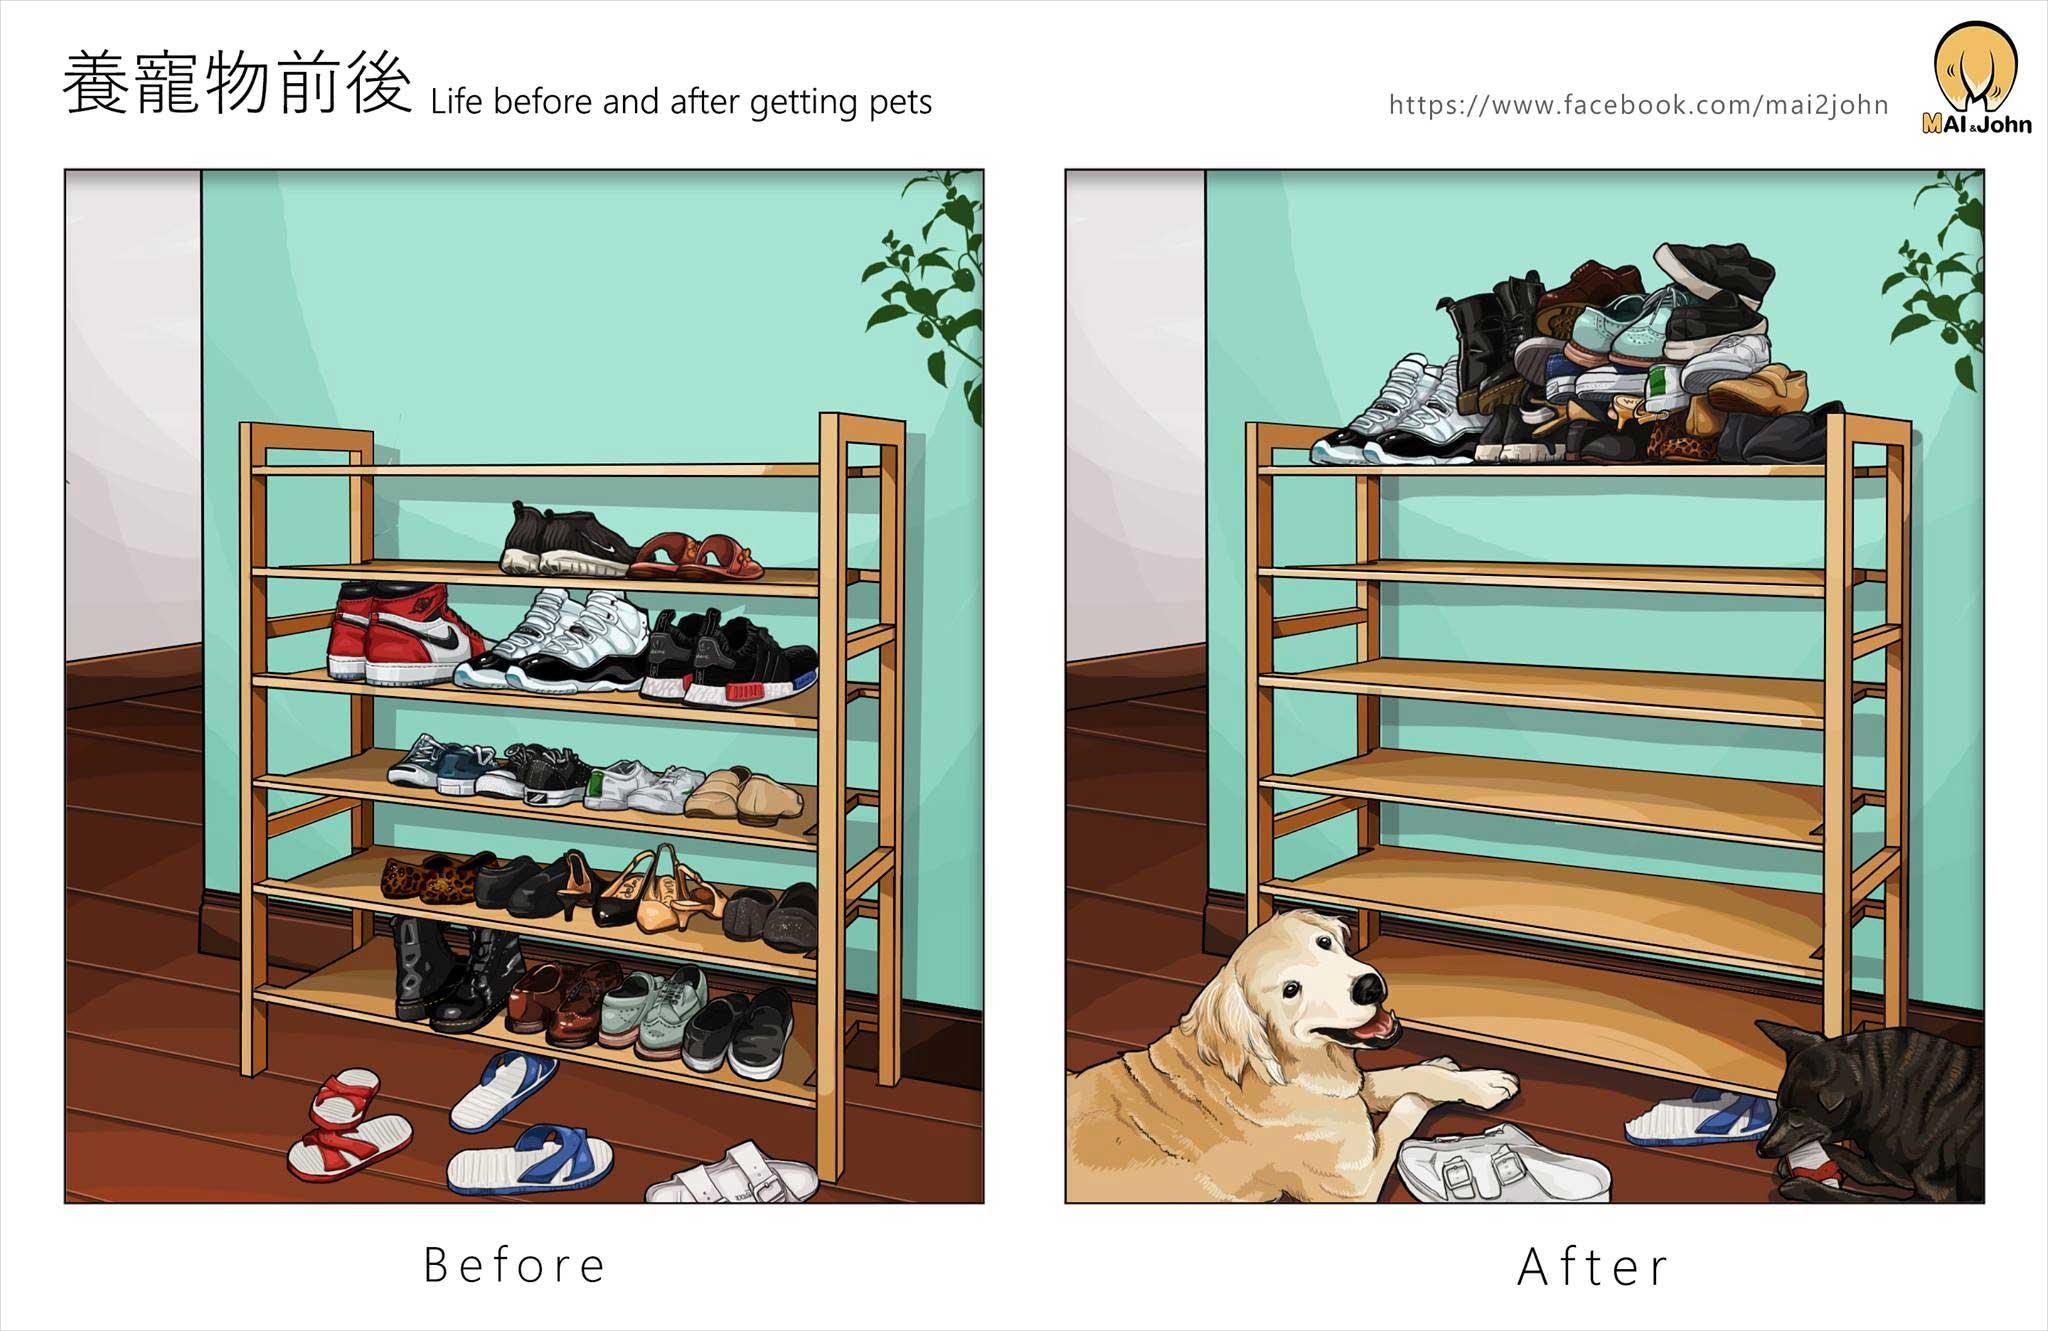 Das Leben vor und nach dem Anschaffen von Haustieren maijohn-life-with-pets_05